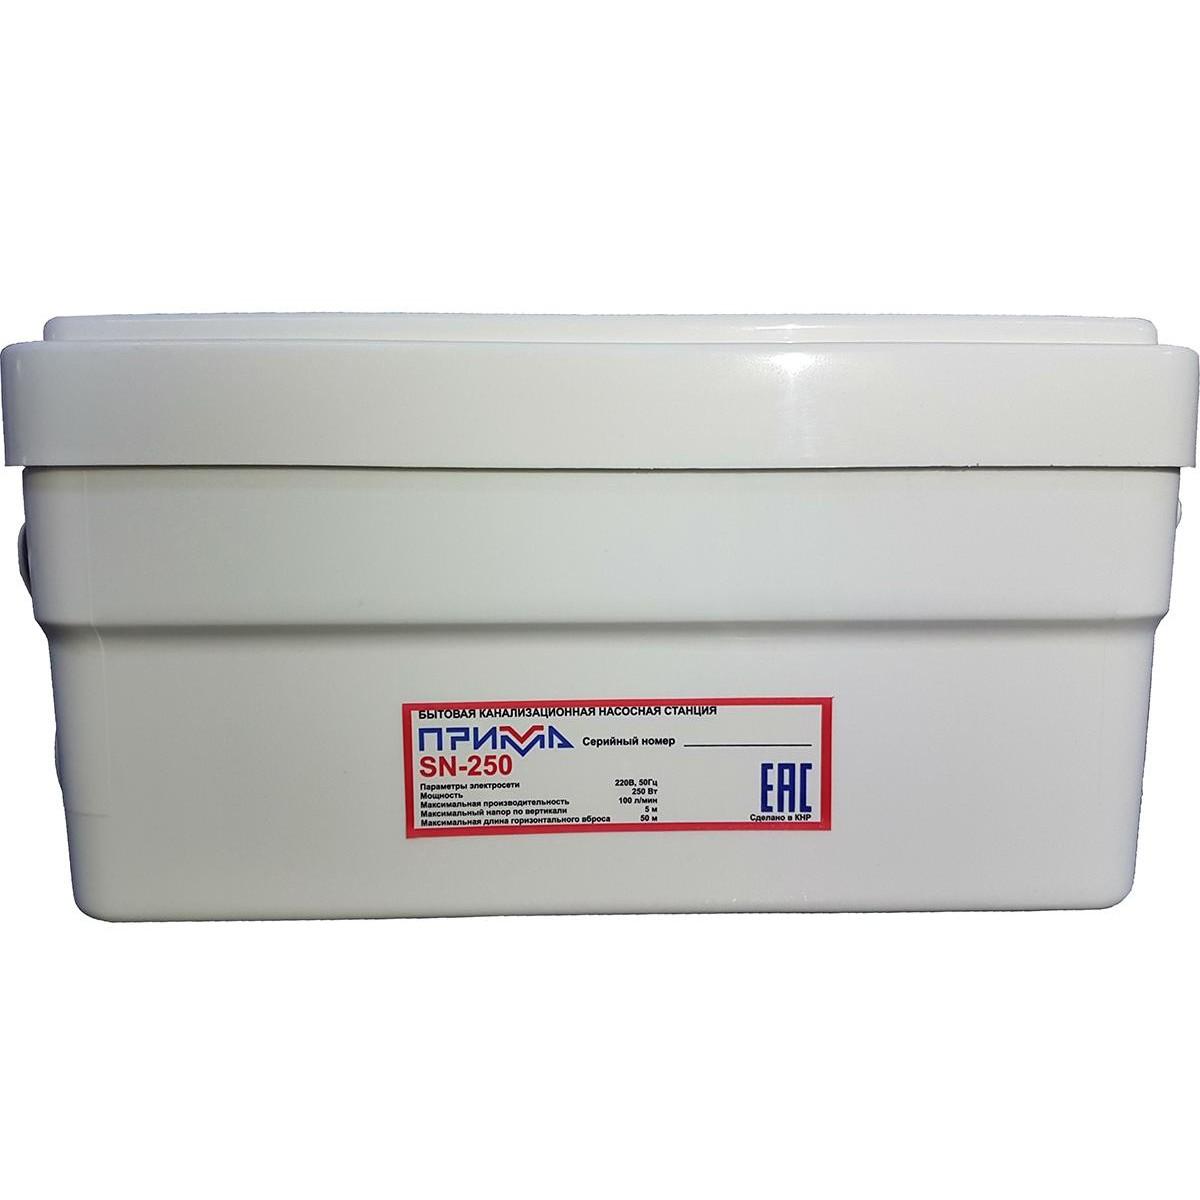 Канализационный насос ПРИМА SN-250 250 Вт